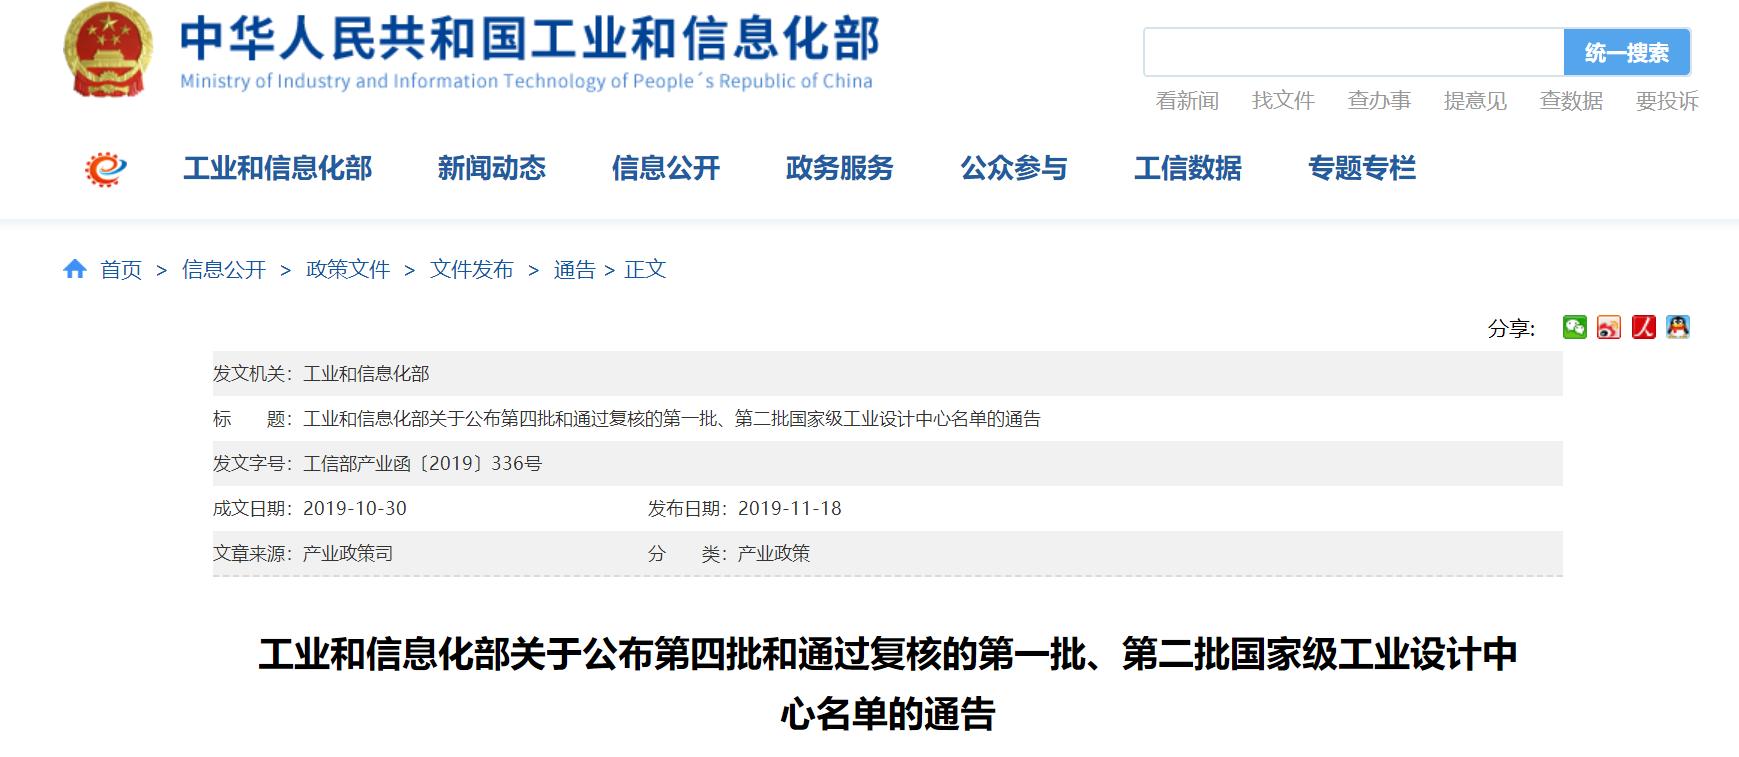 http://www.reviewcode.cn/yunweiguanli/96364.html